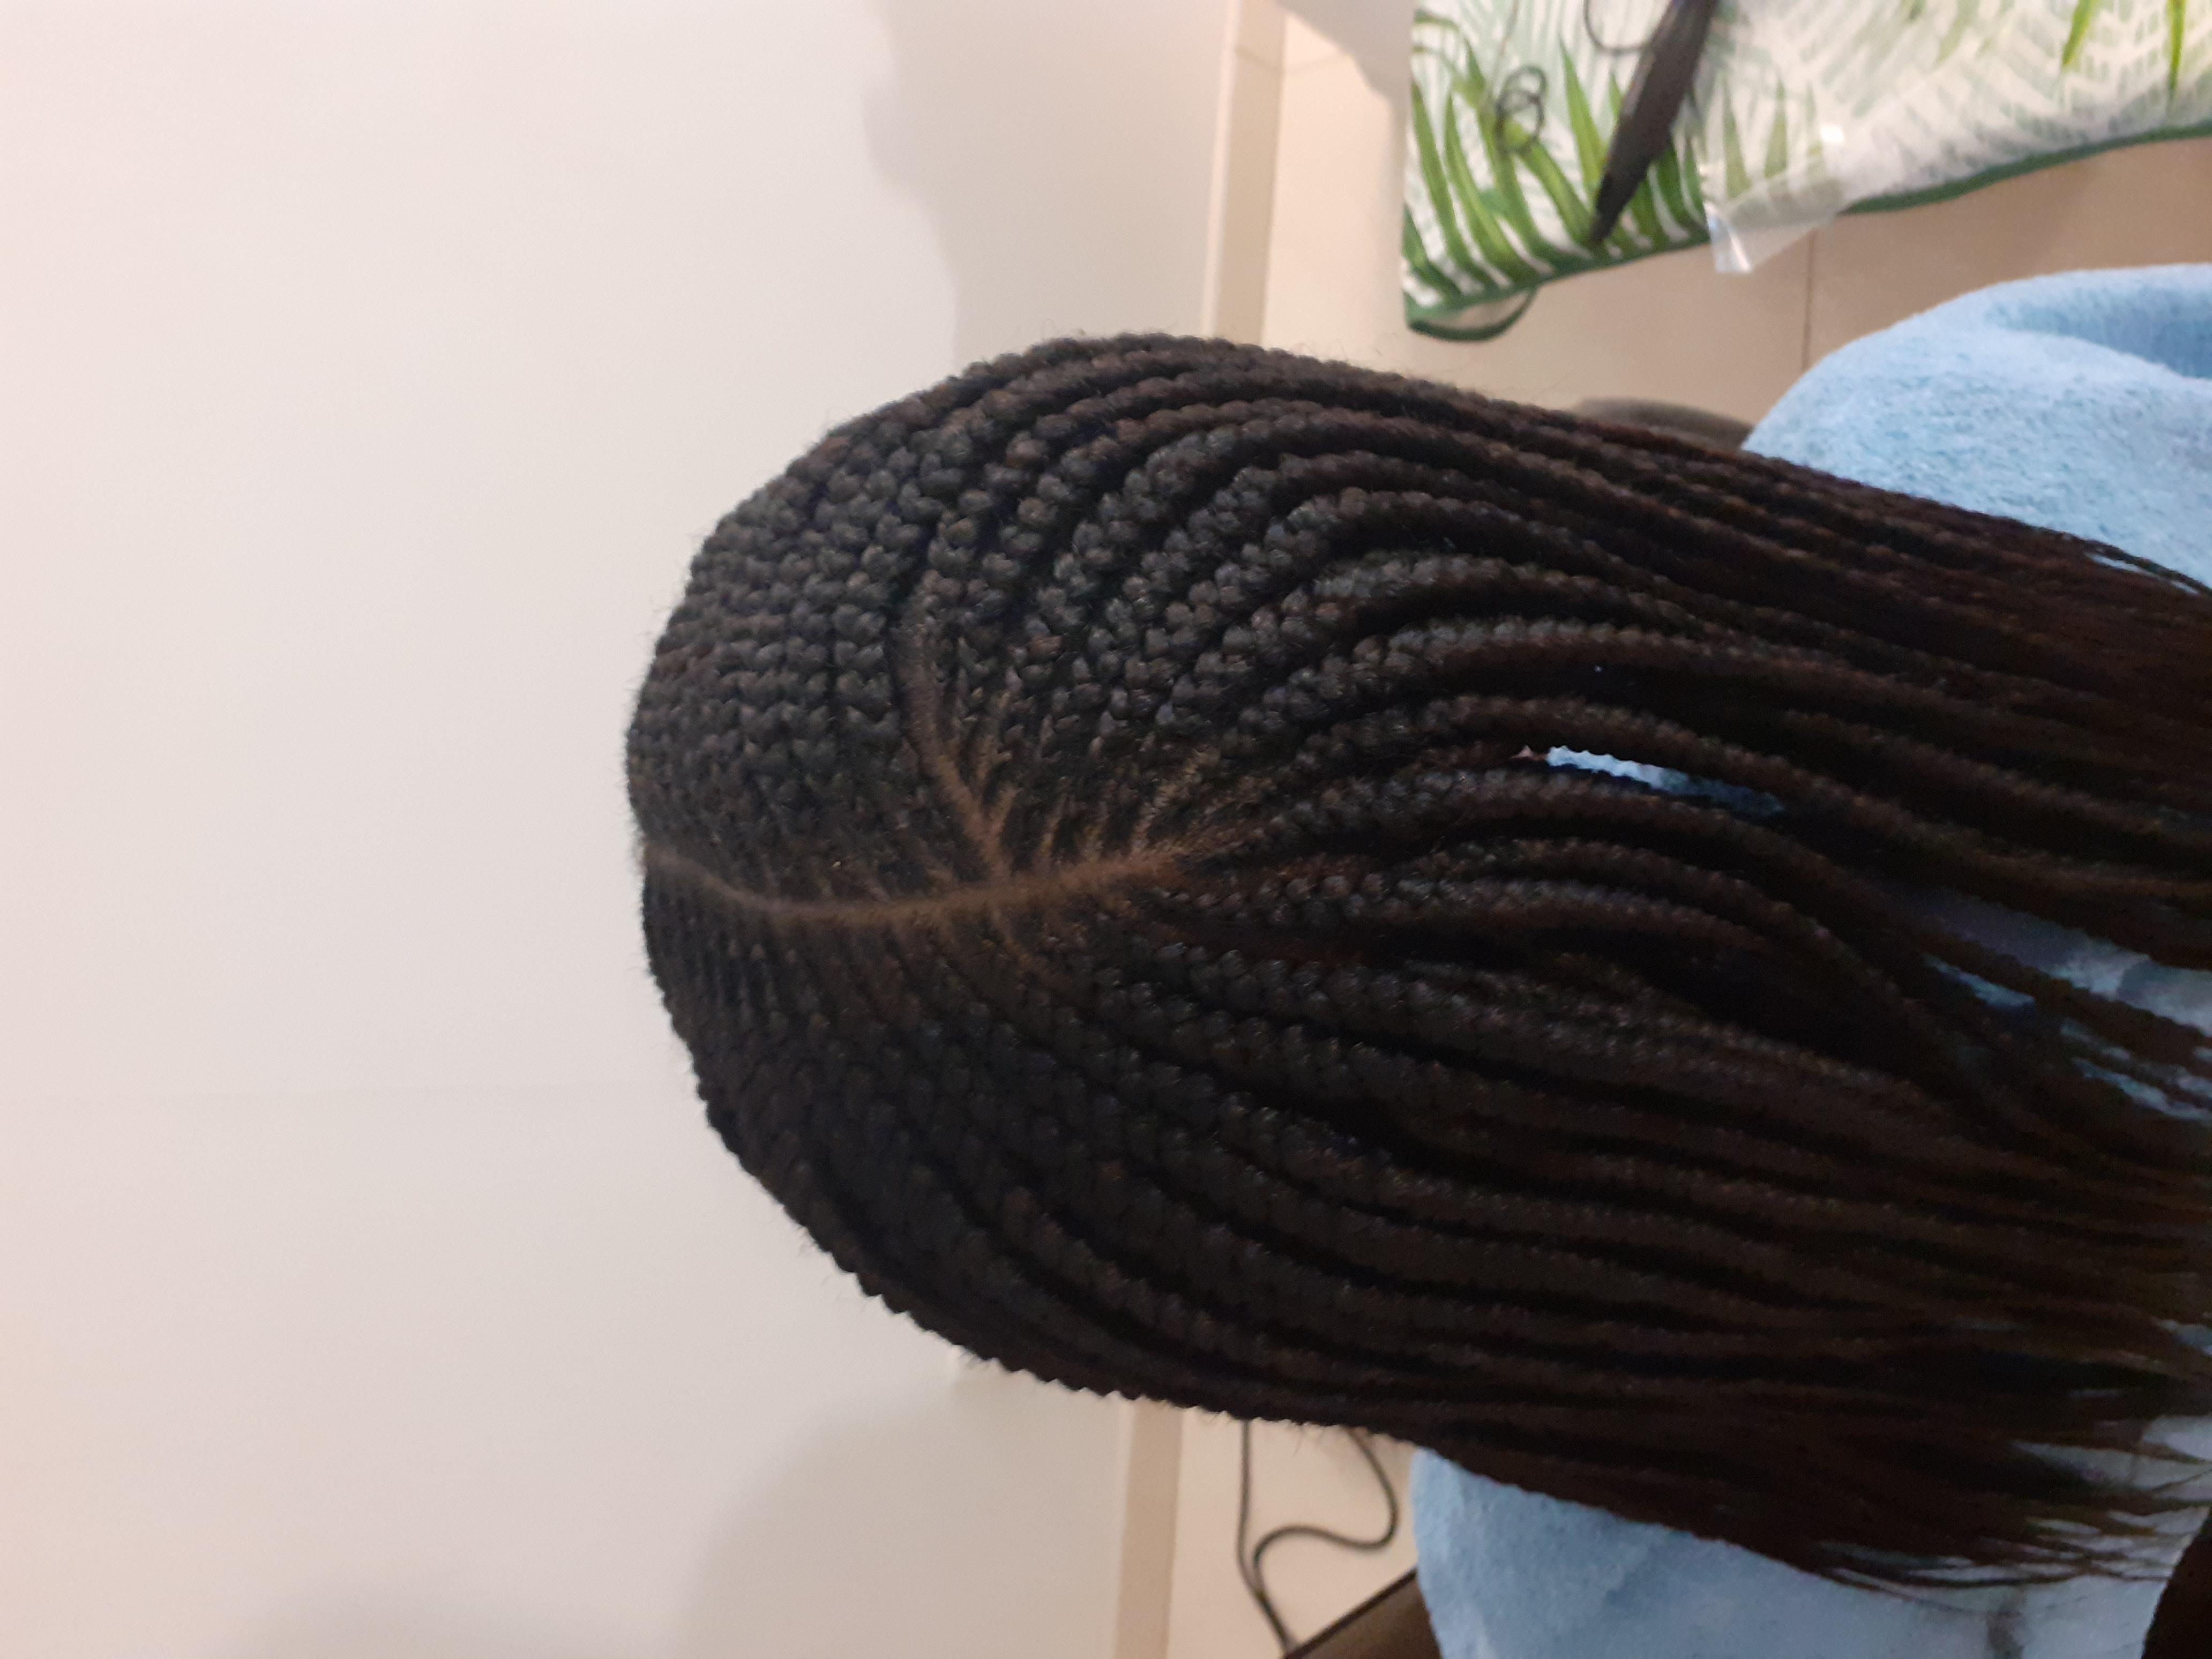 salon de coiffure afro tresse tresses box braids crochet braids vanilles tissages paris 75 77 78 91 92 93 94 95 VAGUUXEA